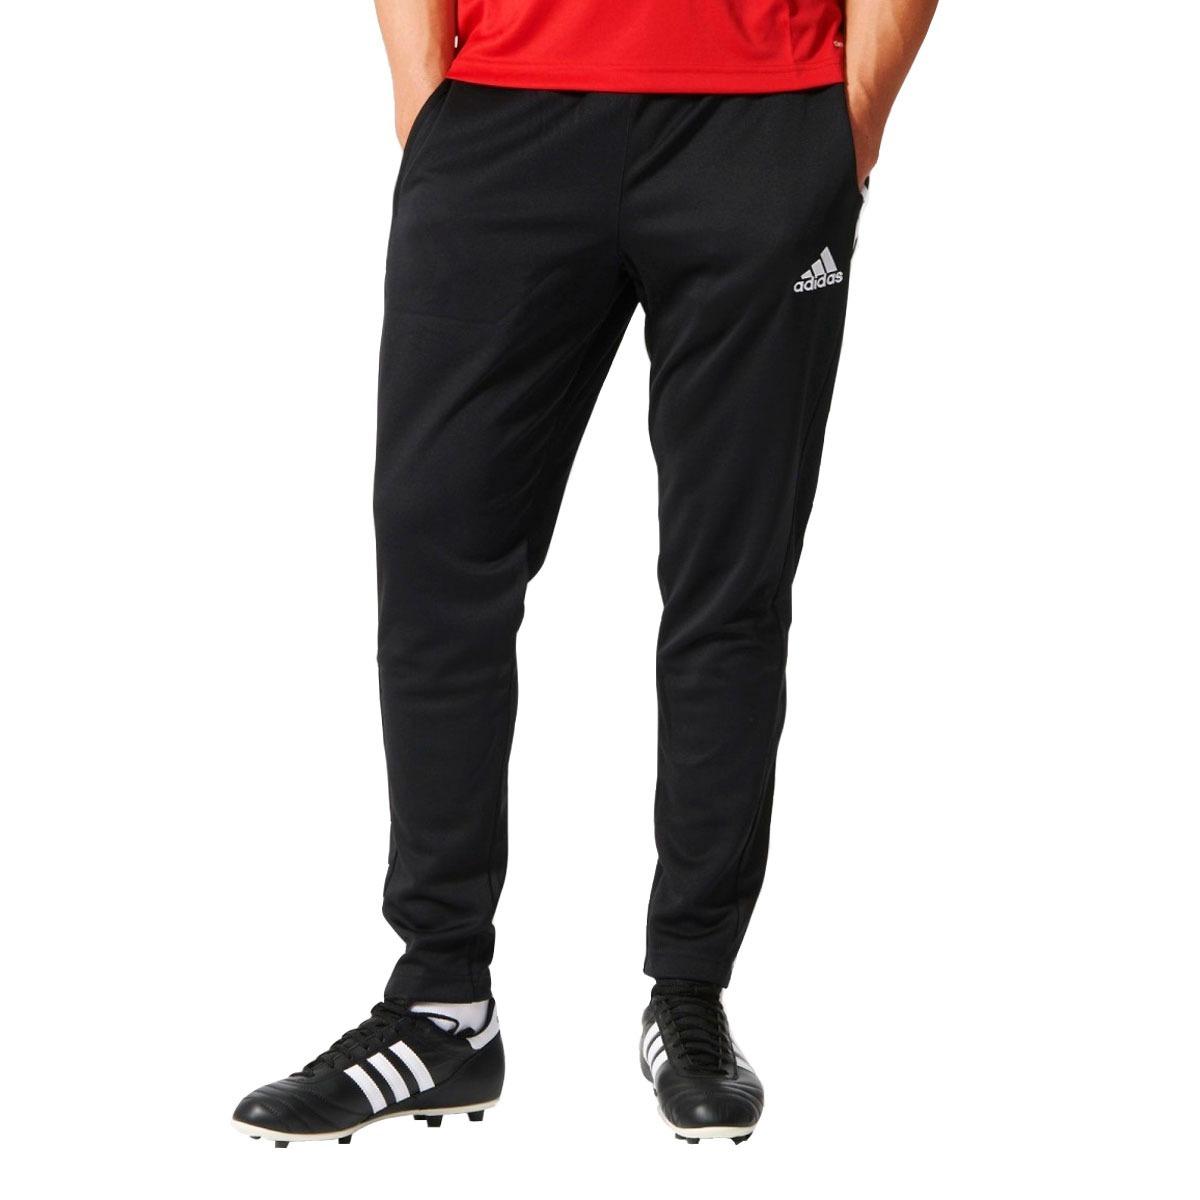 calça adidas futebol treino sere14 d82942. Carregando zoom. aadd3a68ae059